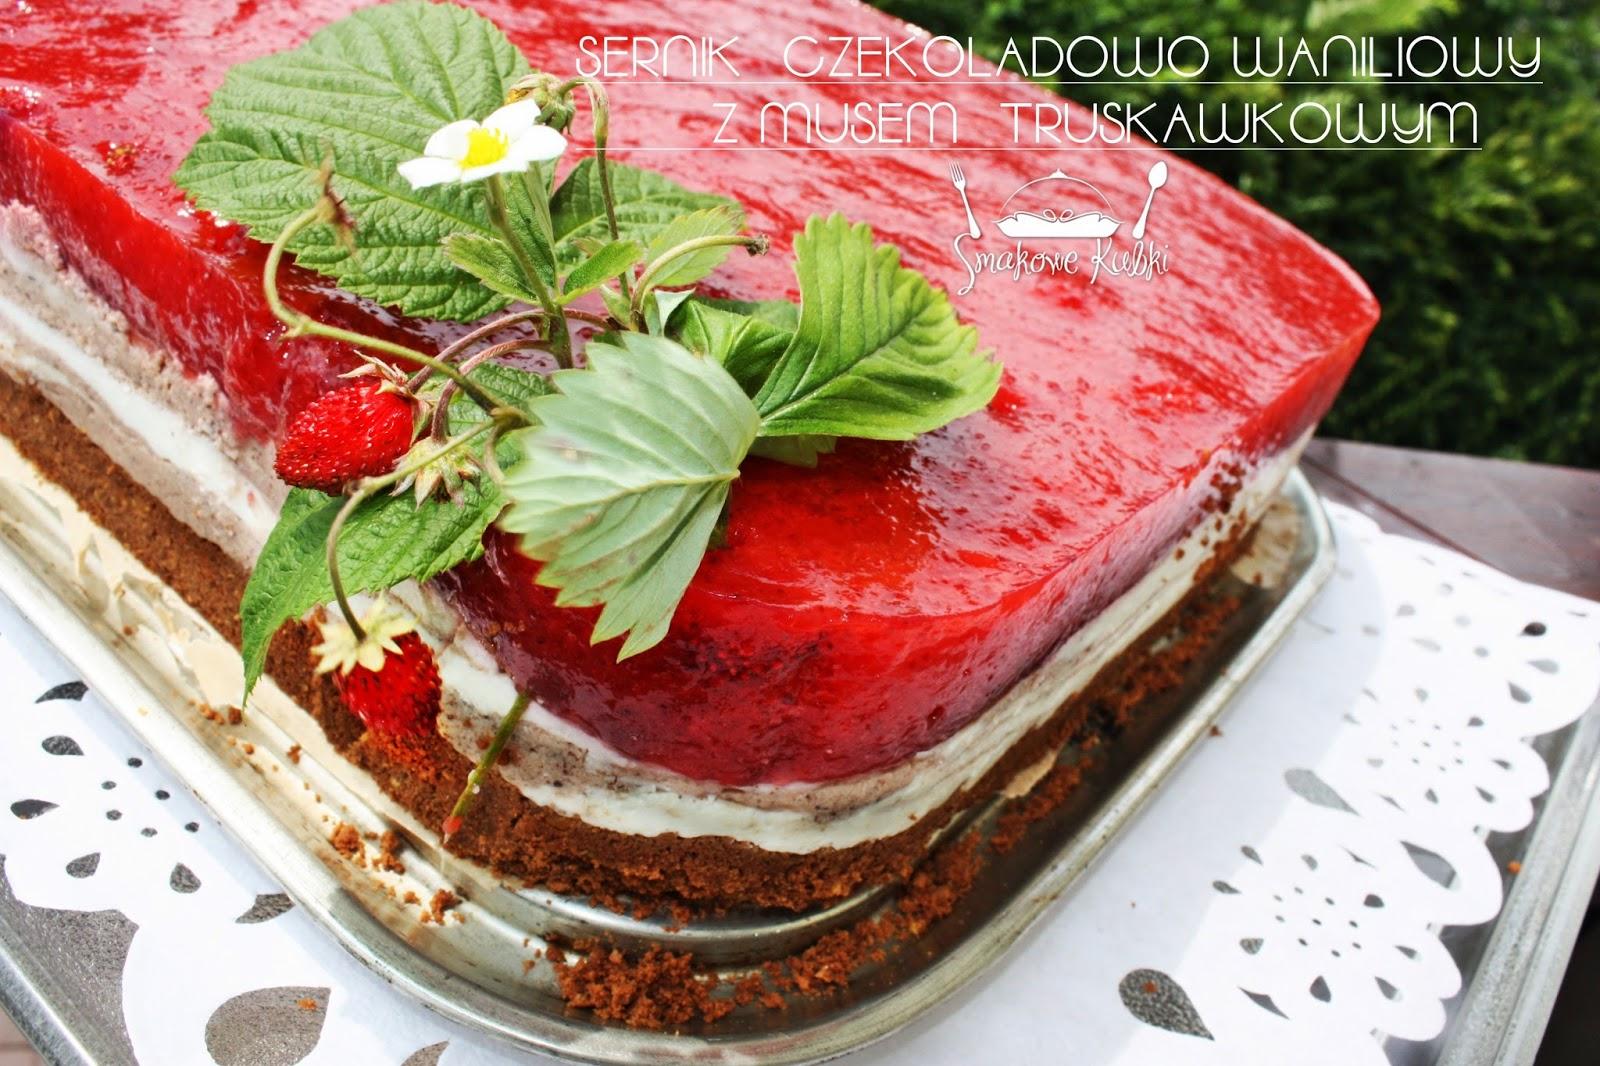 Sernik czekoladowo waniliowy z musem truskawkowym (Chocolate and vanilla cheesecake with strawberry mousse)